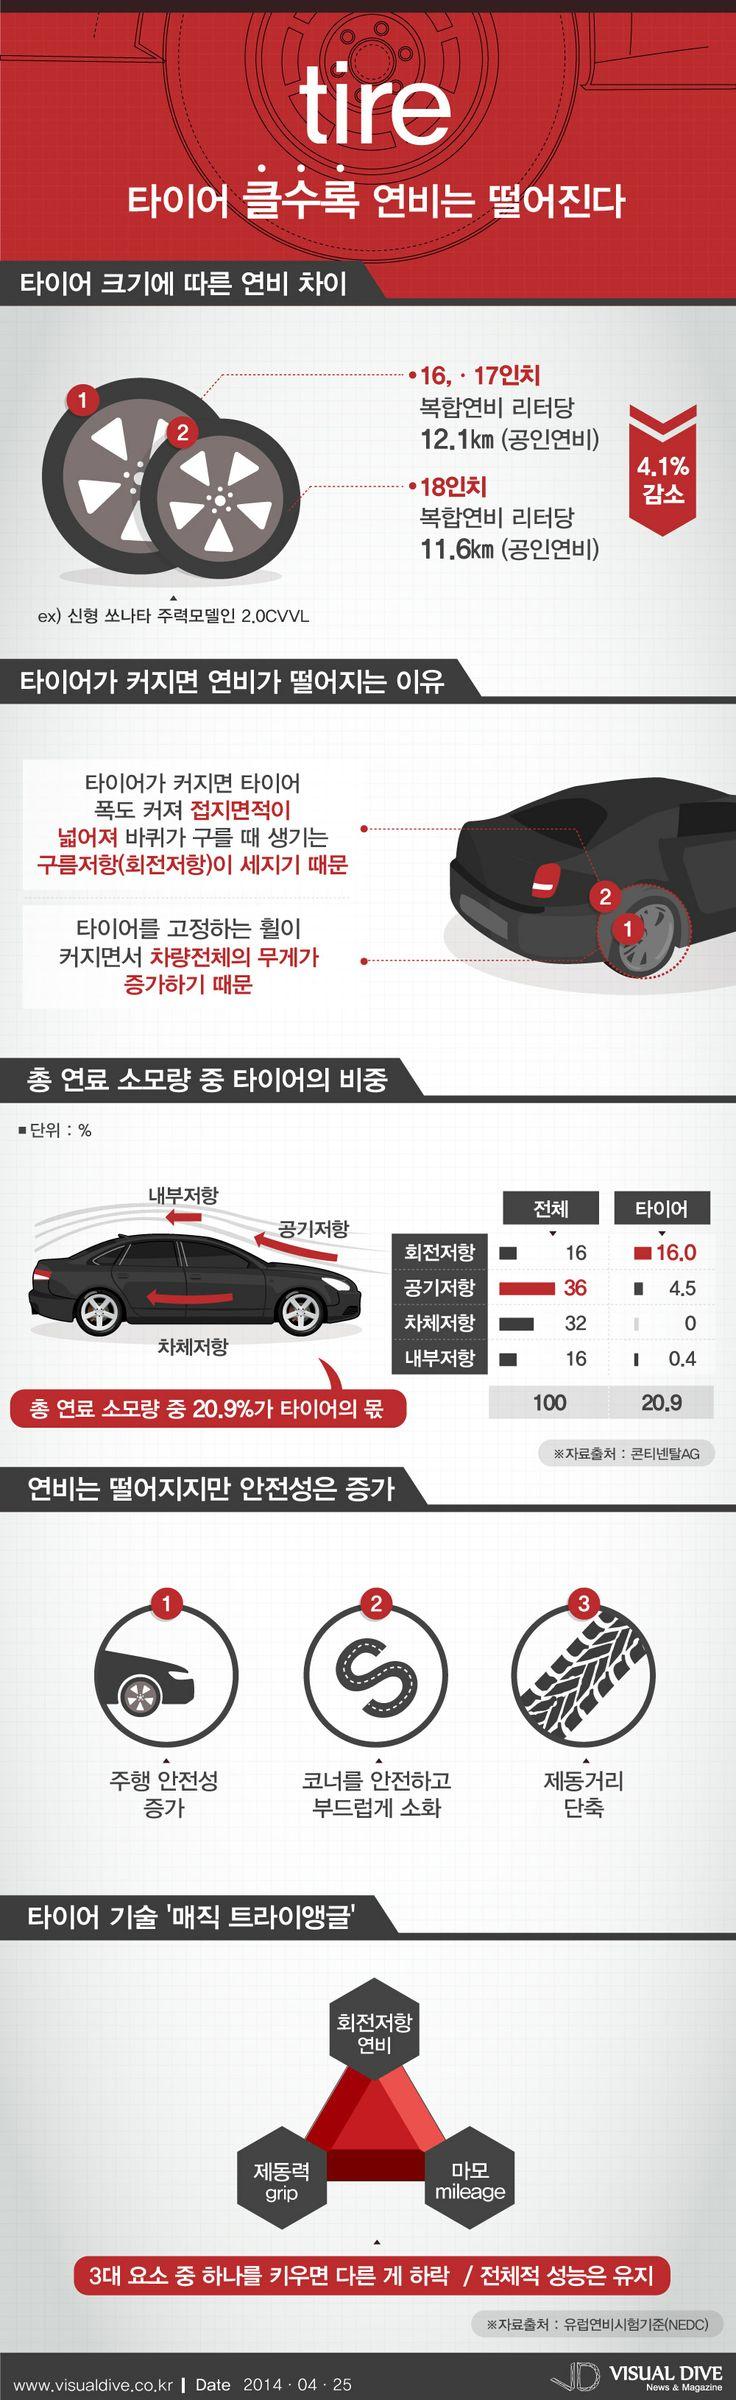 """""""타이어사이즈 클수록 '자동차 연비'는 늘어난다!"""" [인포그래픽]  #tire #Infographic ⓒ 비주얼다이브 무단 복사·전재·재배포"""